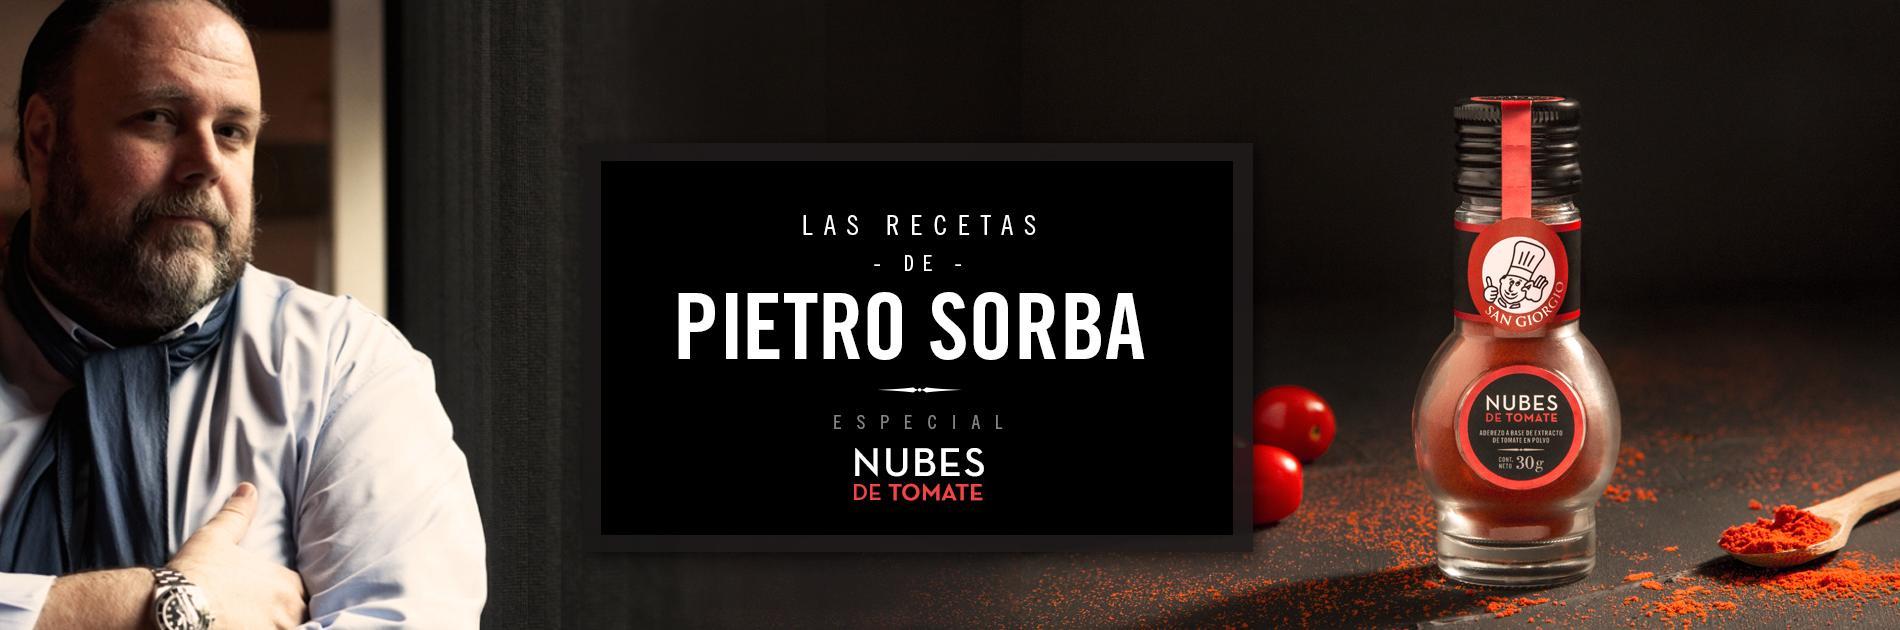 Pietro Sorba